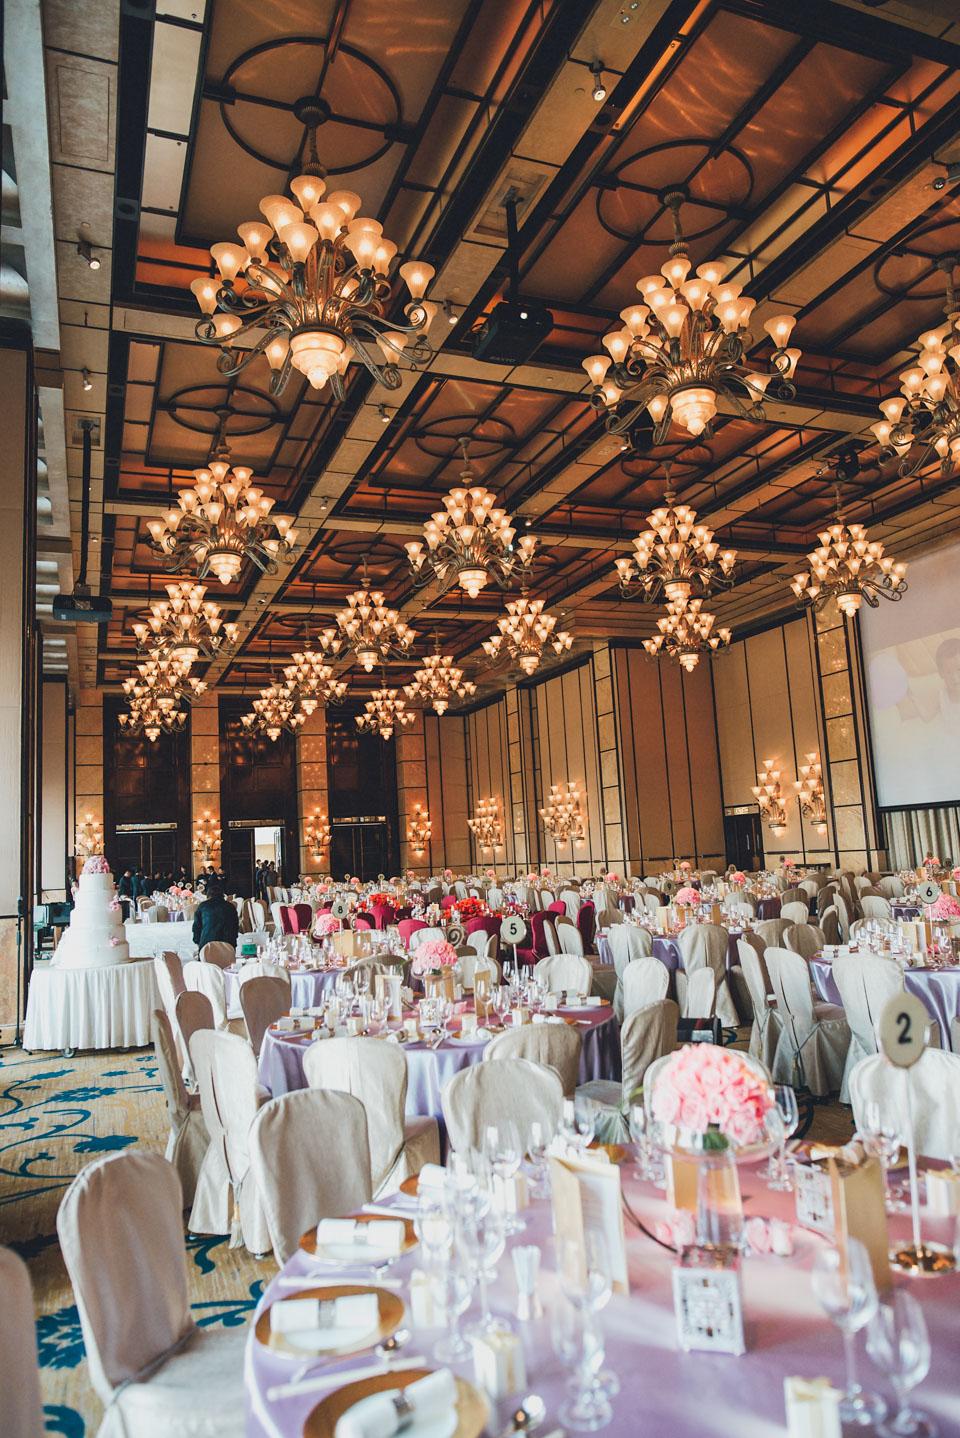 hongkong-wedding-photo-video-111 Kristy & Sam HongKong Wedding Four Saison HKhongkong wedding photo video 111